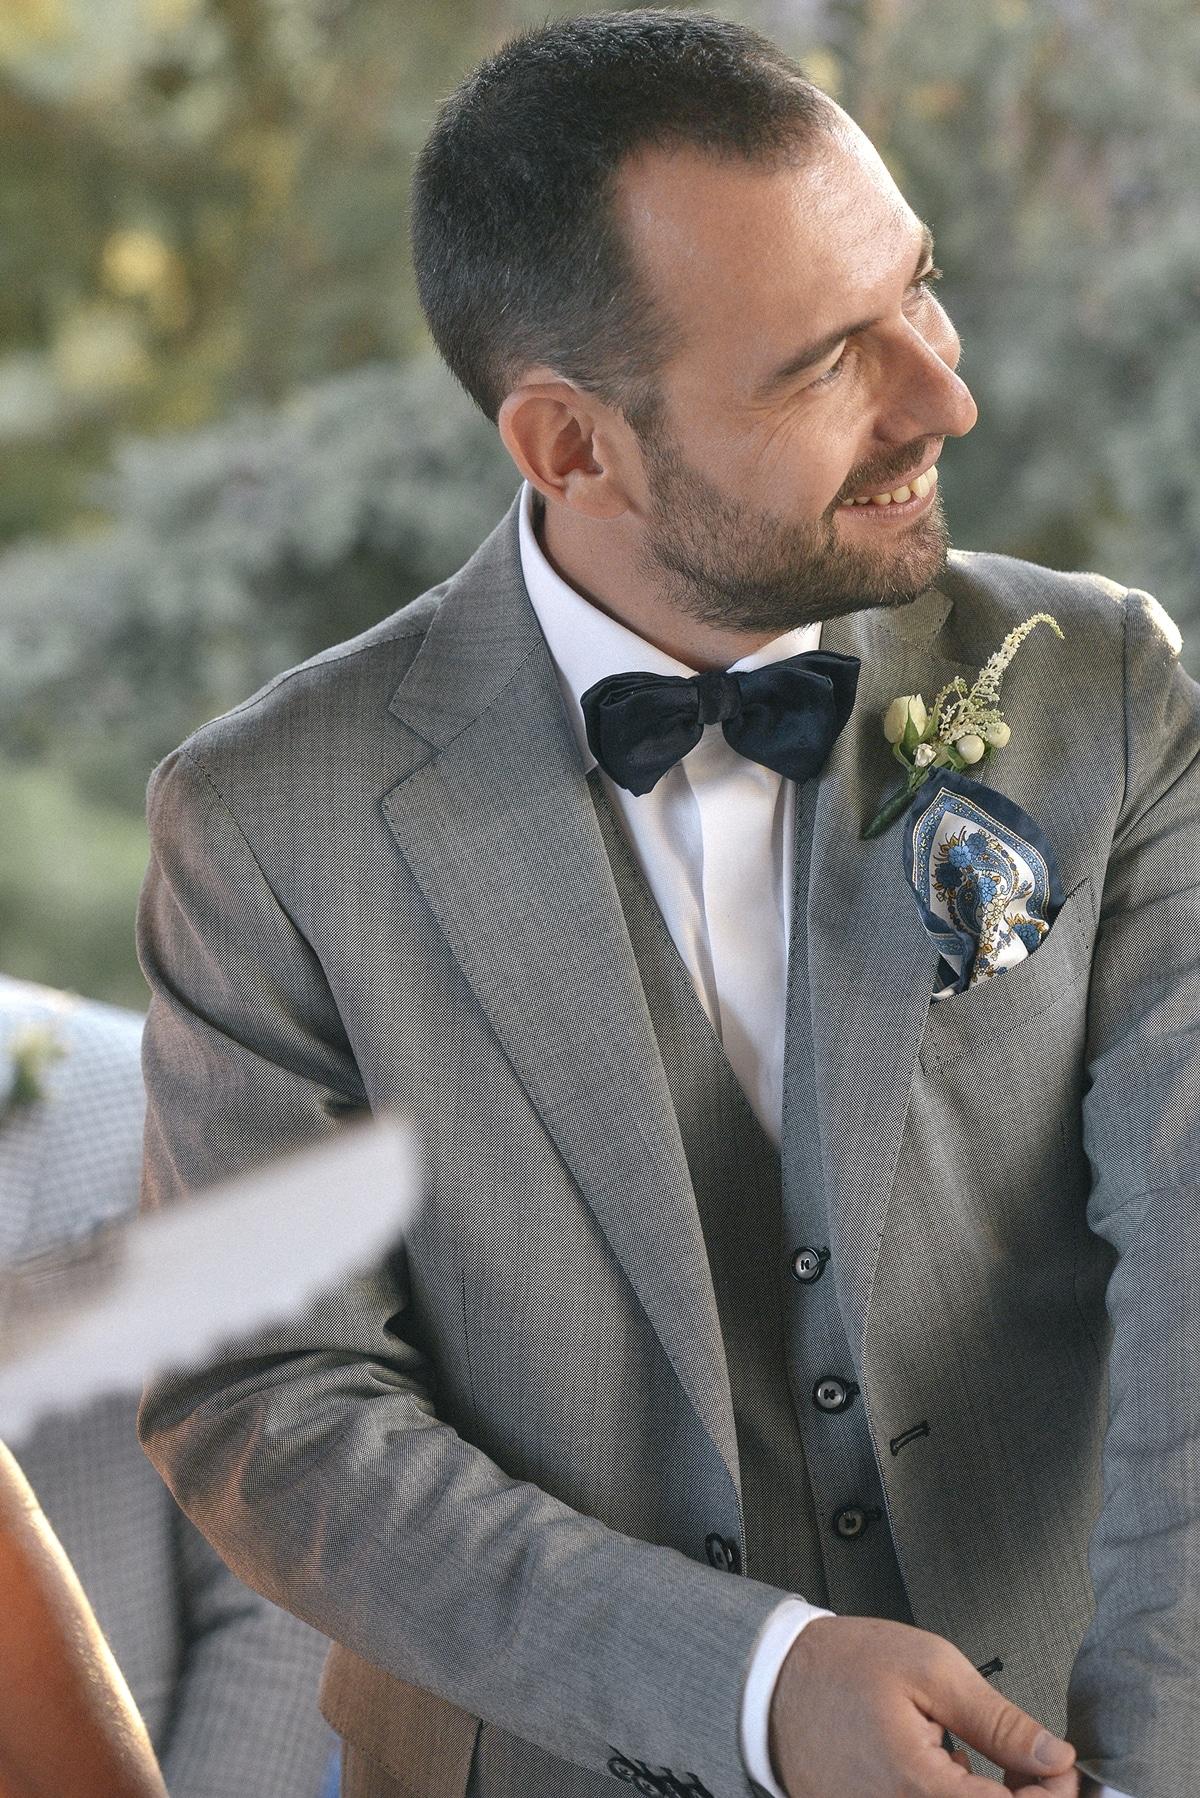 Γκρι κοστούμι για τον γαμπρό